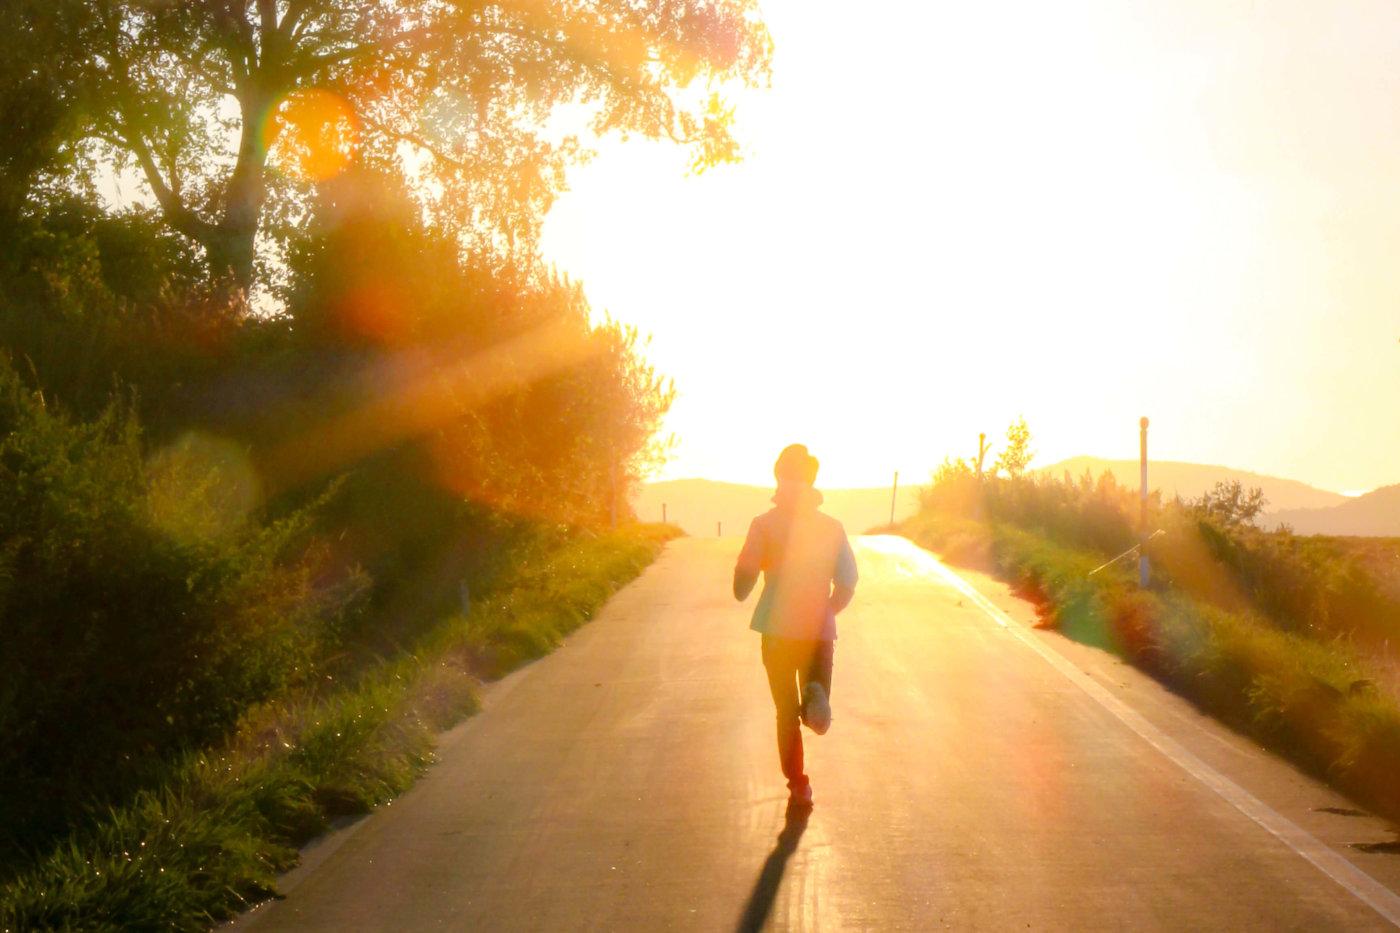 ランニング初心者】60分で何キロ走るのが良い?? | 調整さん